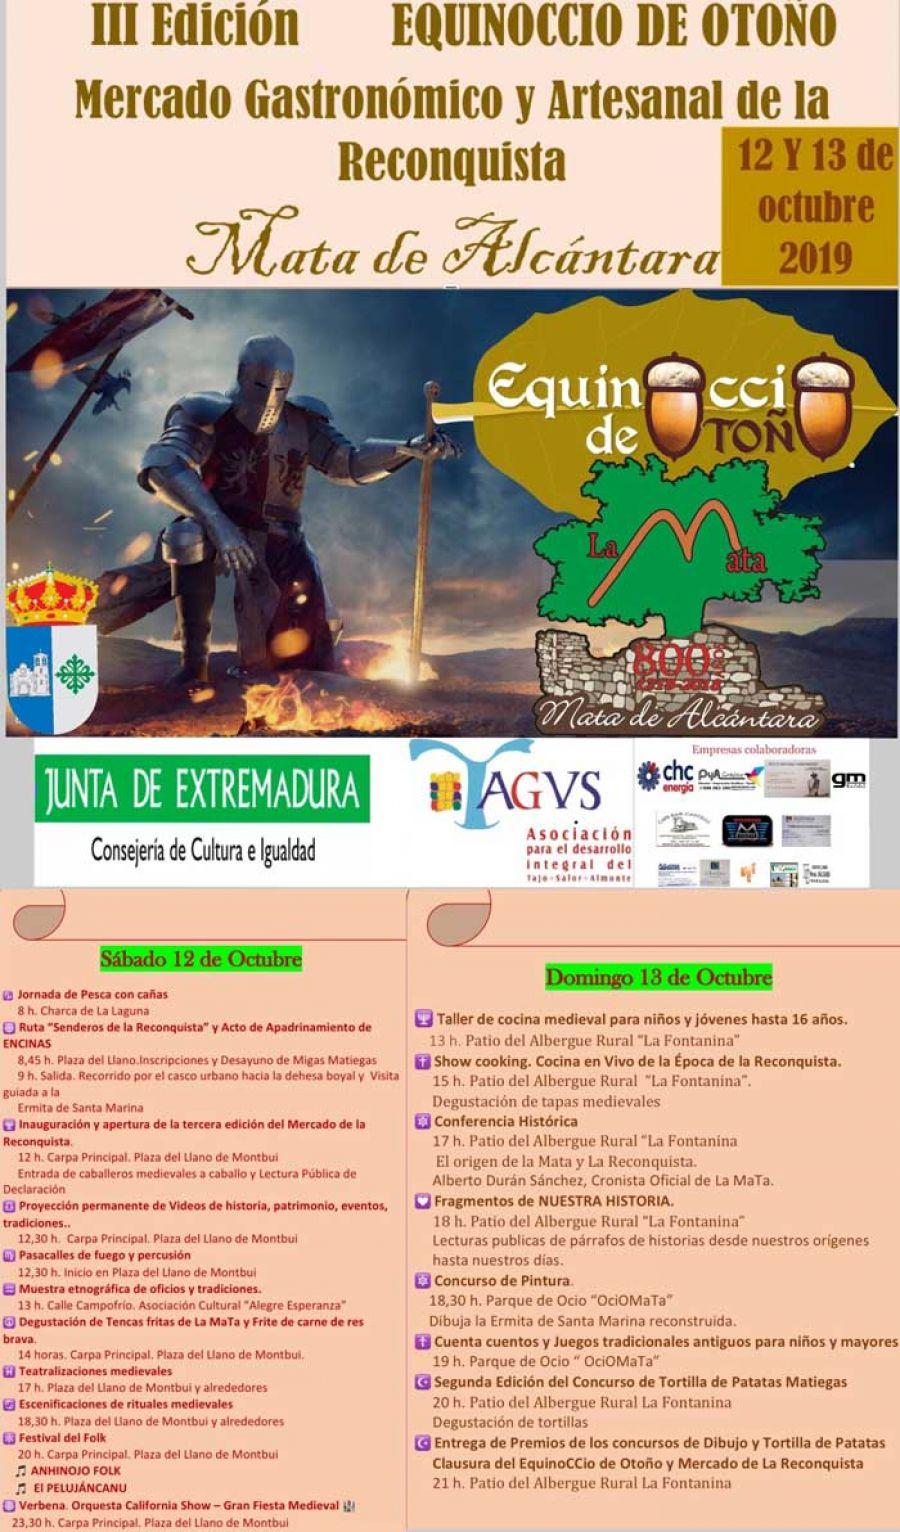 Festividad del Equinoccio y el Mercado Gastronómico y Artesanal de la Reconquista 2019 | DOMINGO